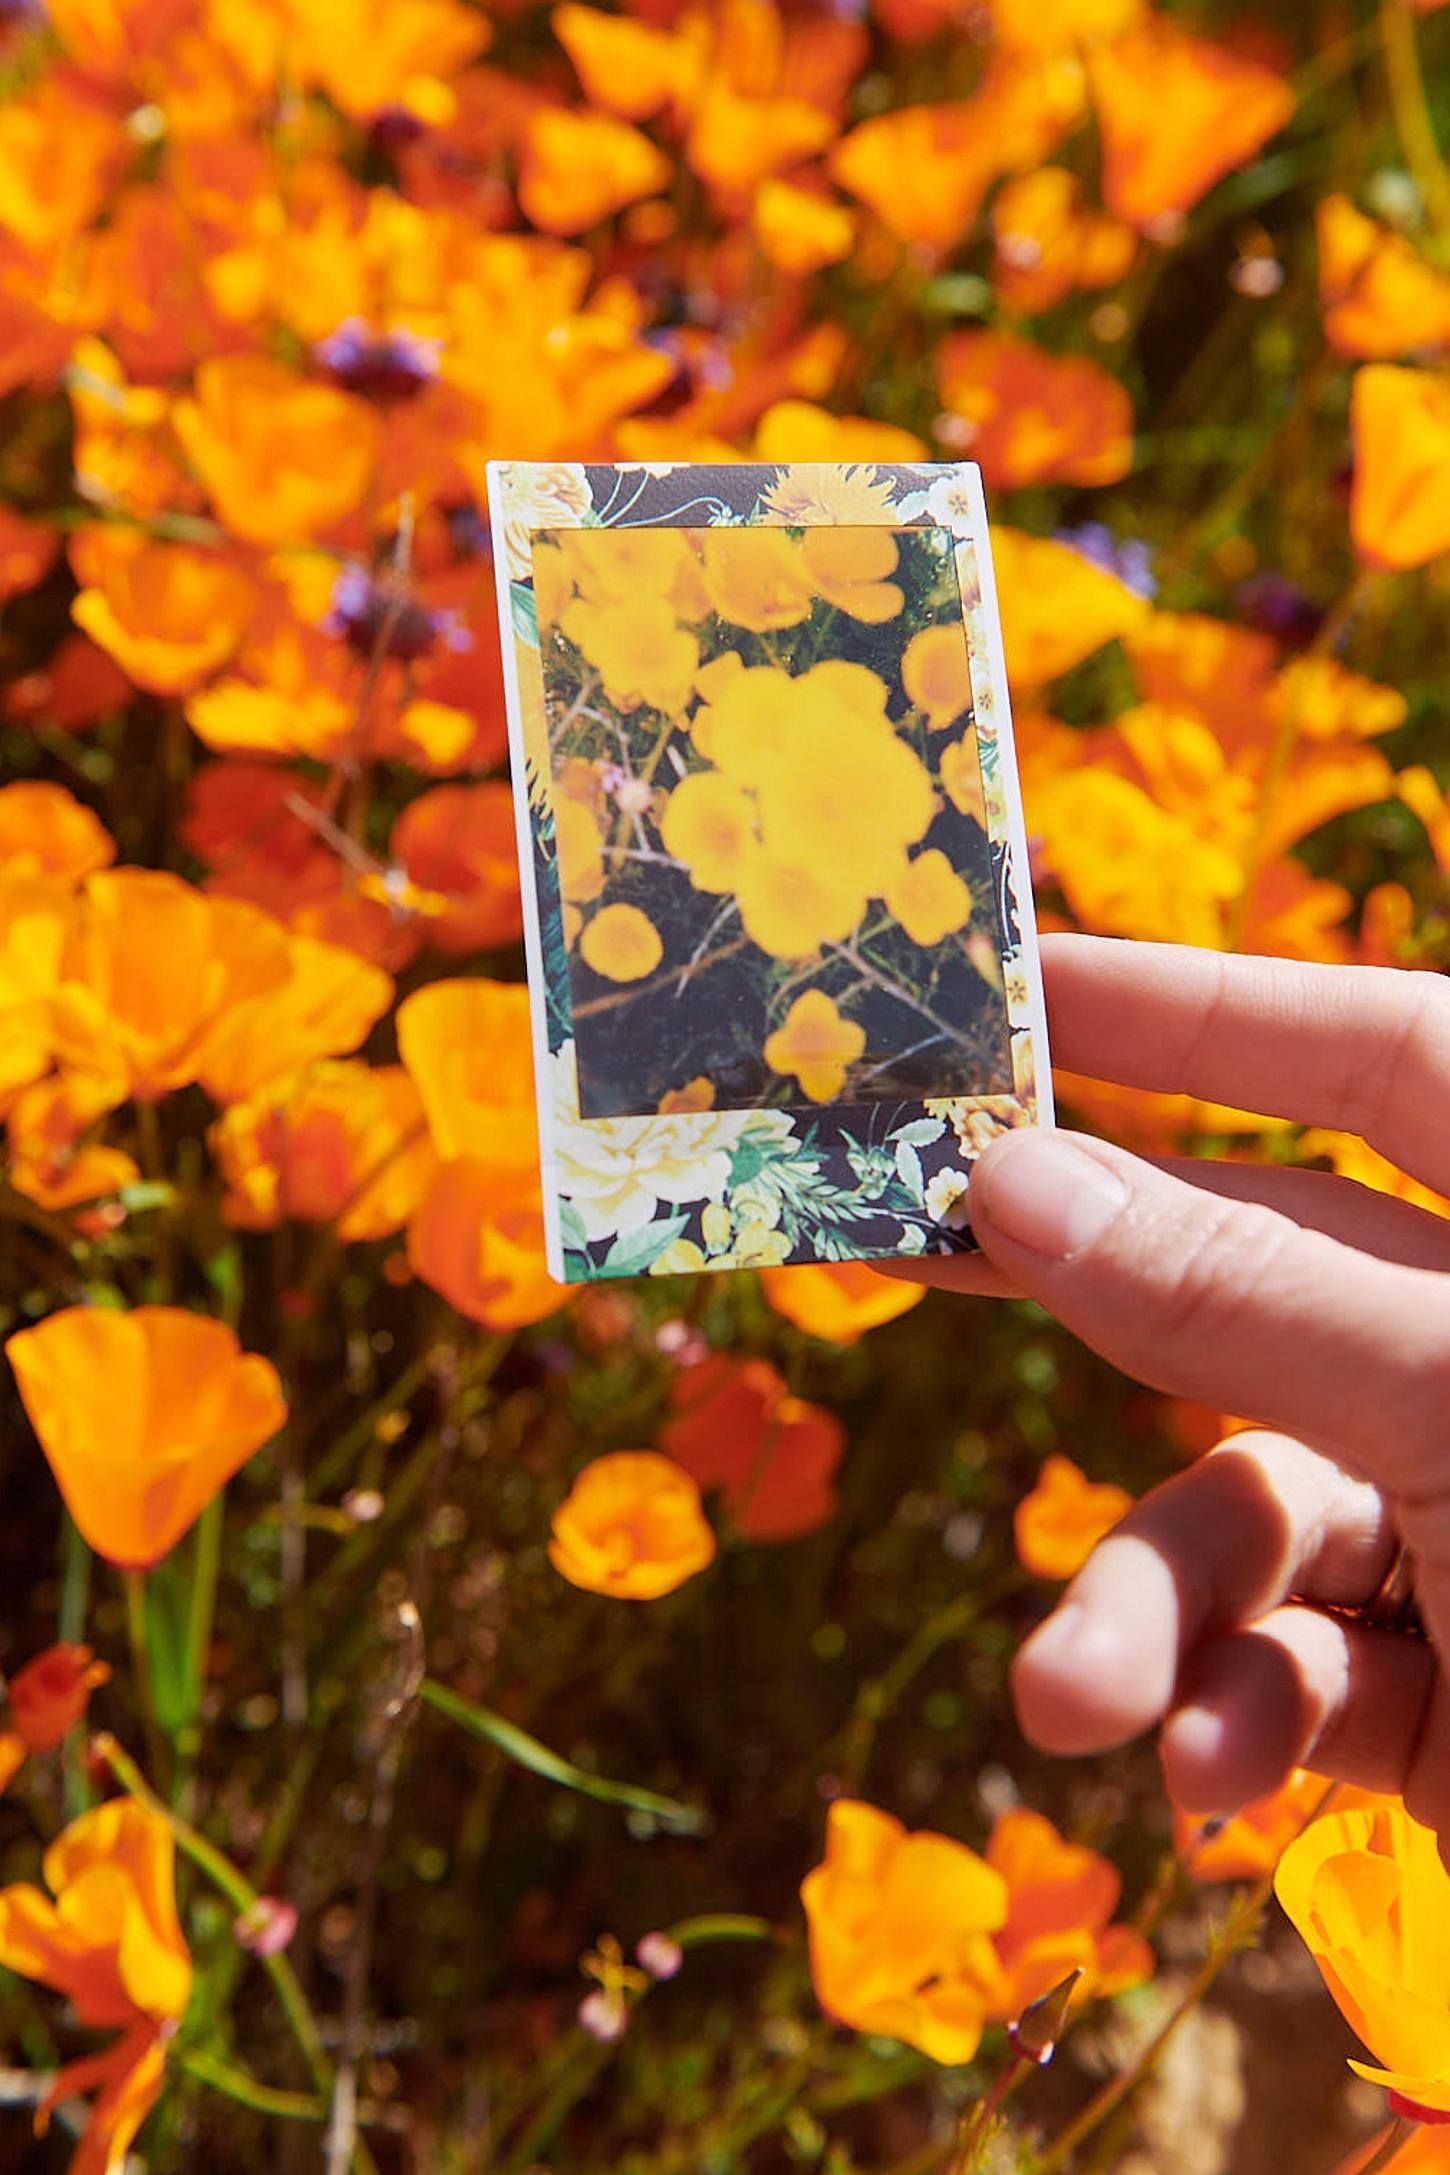 Fujifilm UO Exclusive Instax Mini Bloom Film